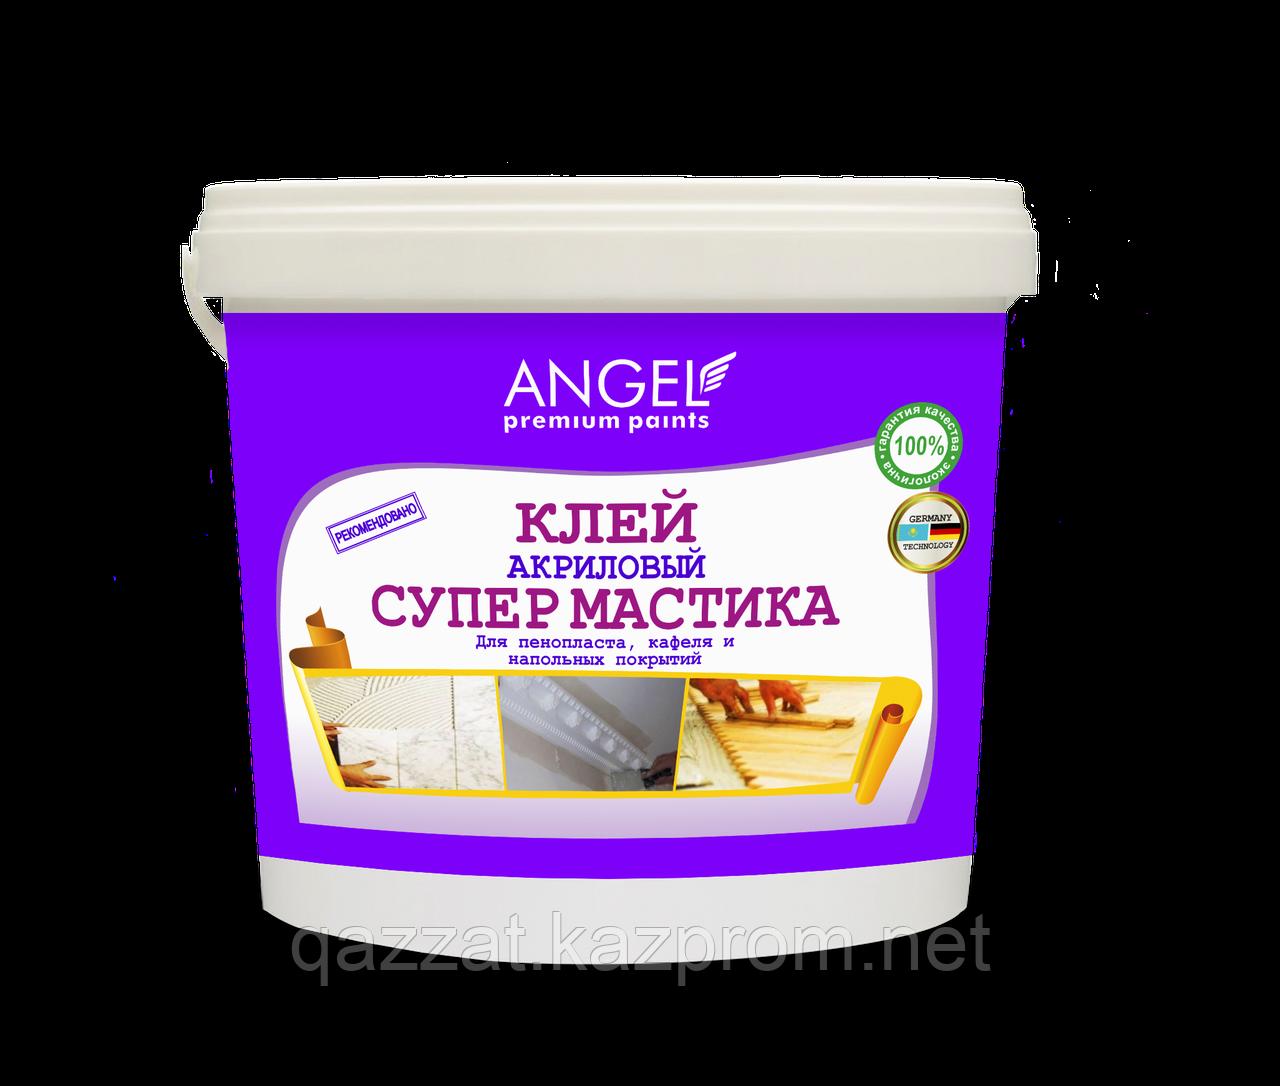 """Клей акриловый Супермастика """"Angel"""" 1,5 кг"""